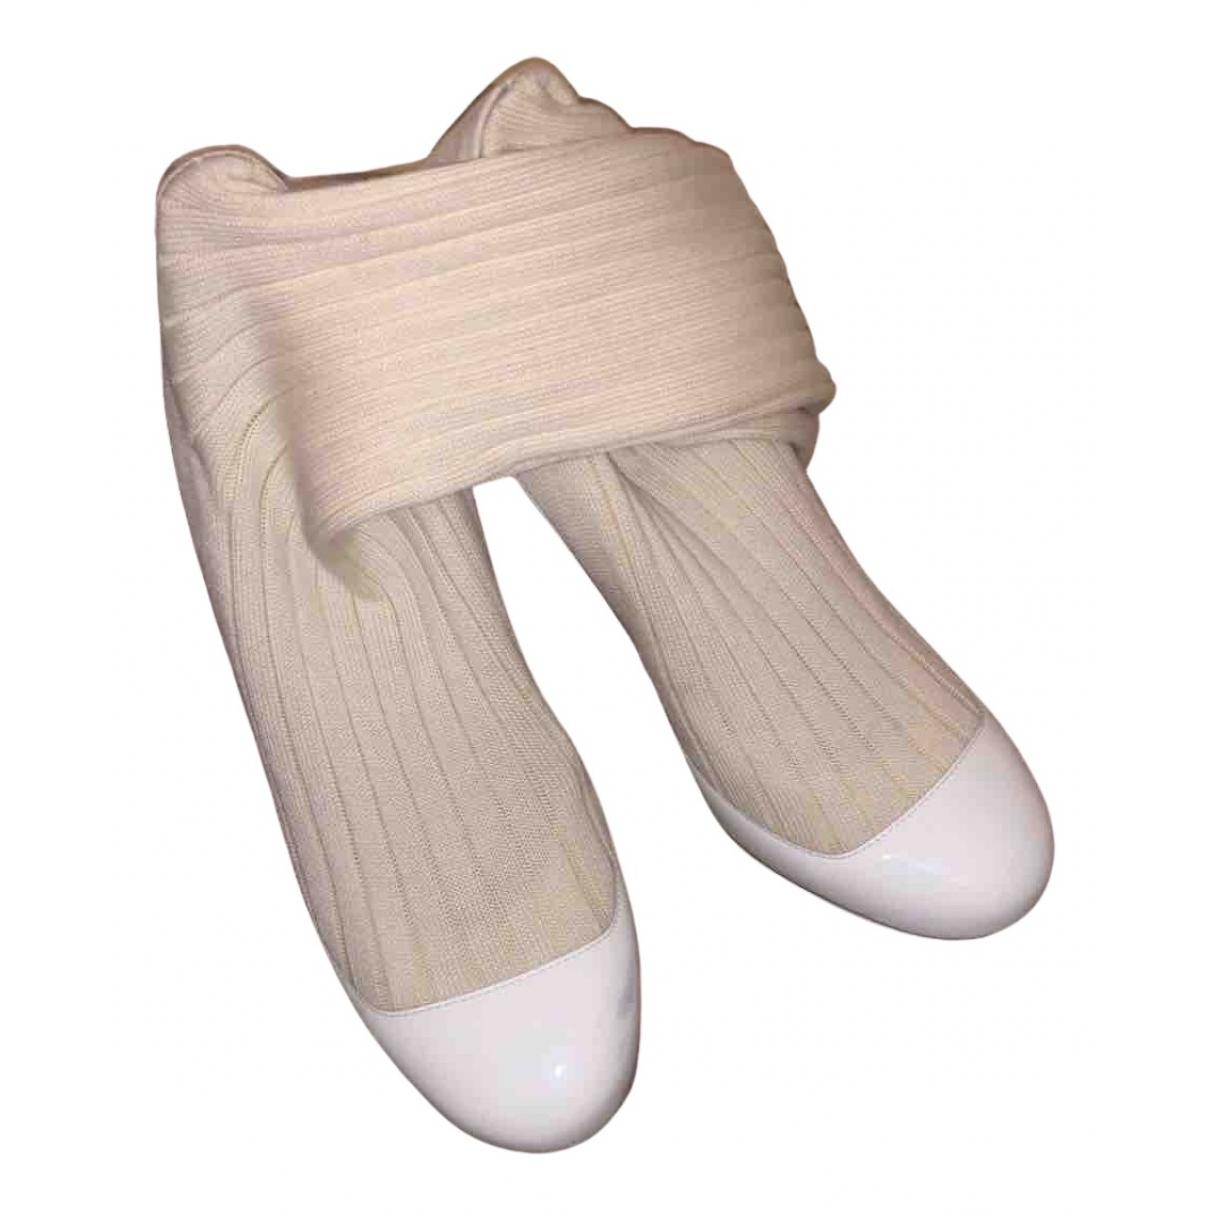 Chanel - Escarpins   pour femme en cuir verni - blanc